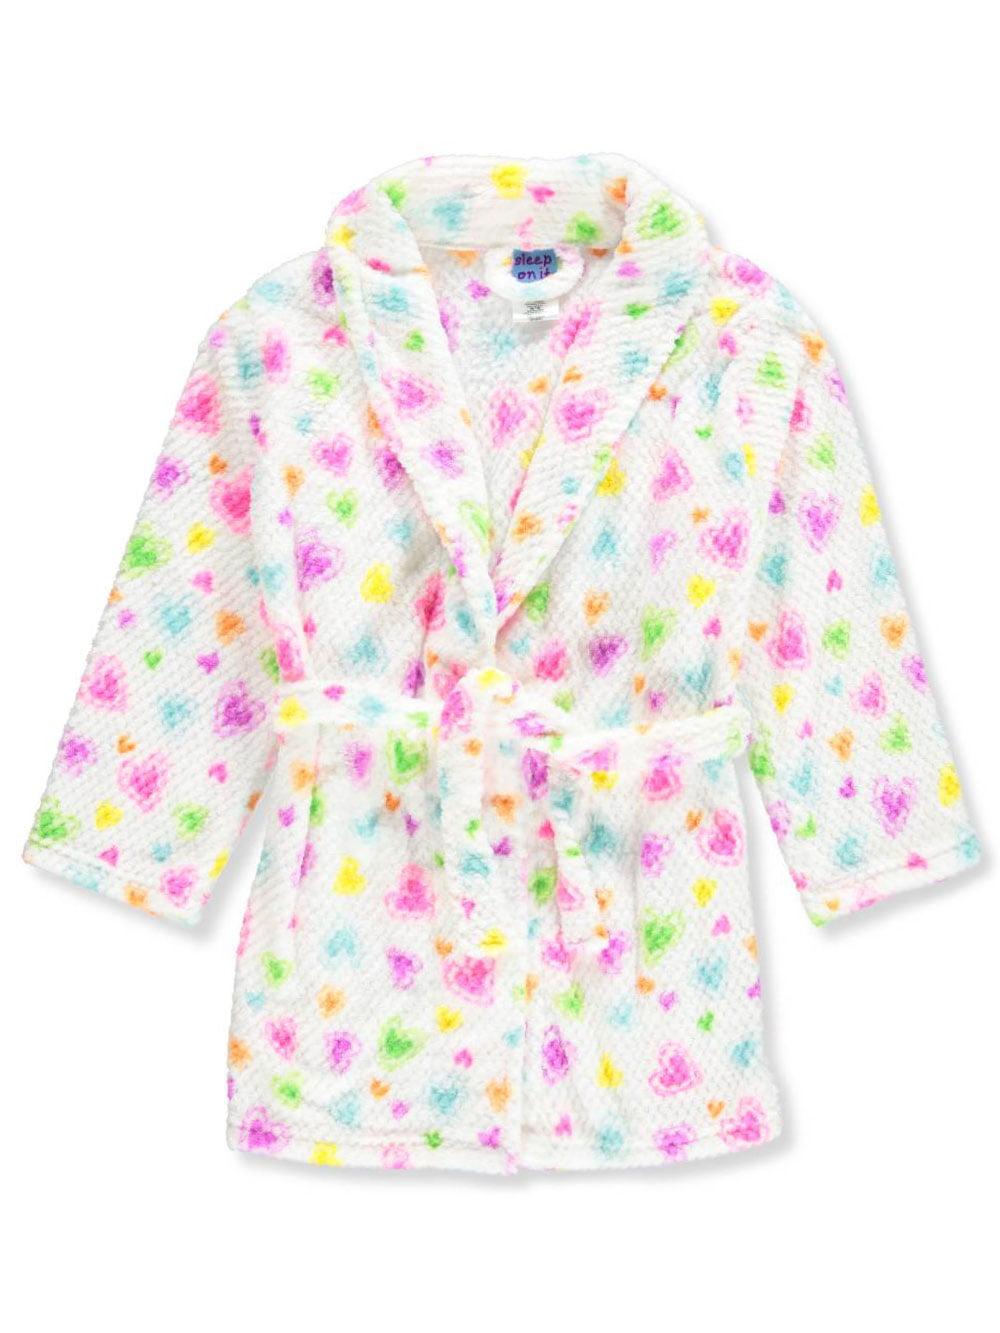 Sleep On It Girls' Robe